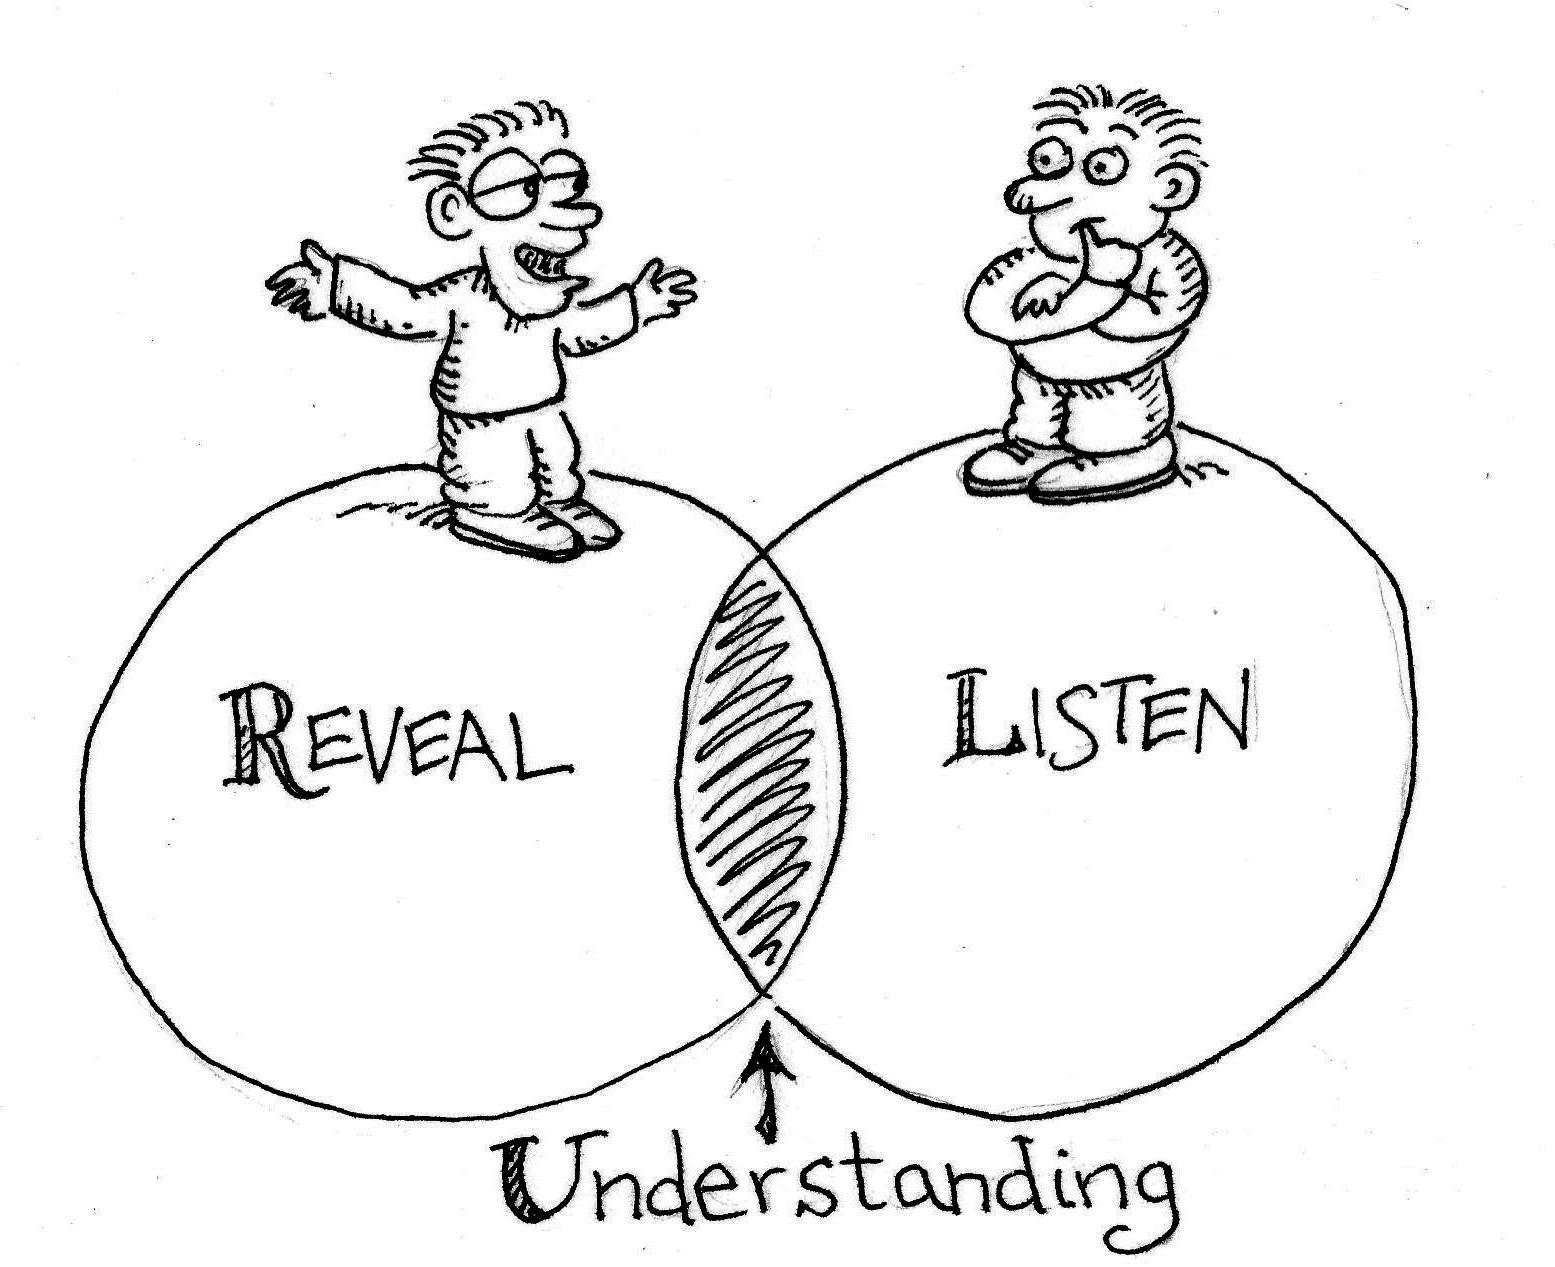 Listening to understand